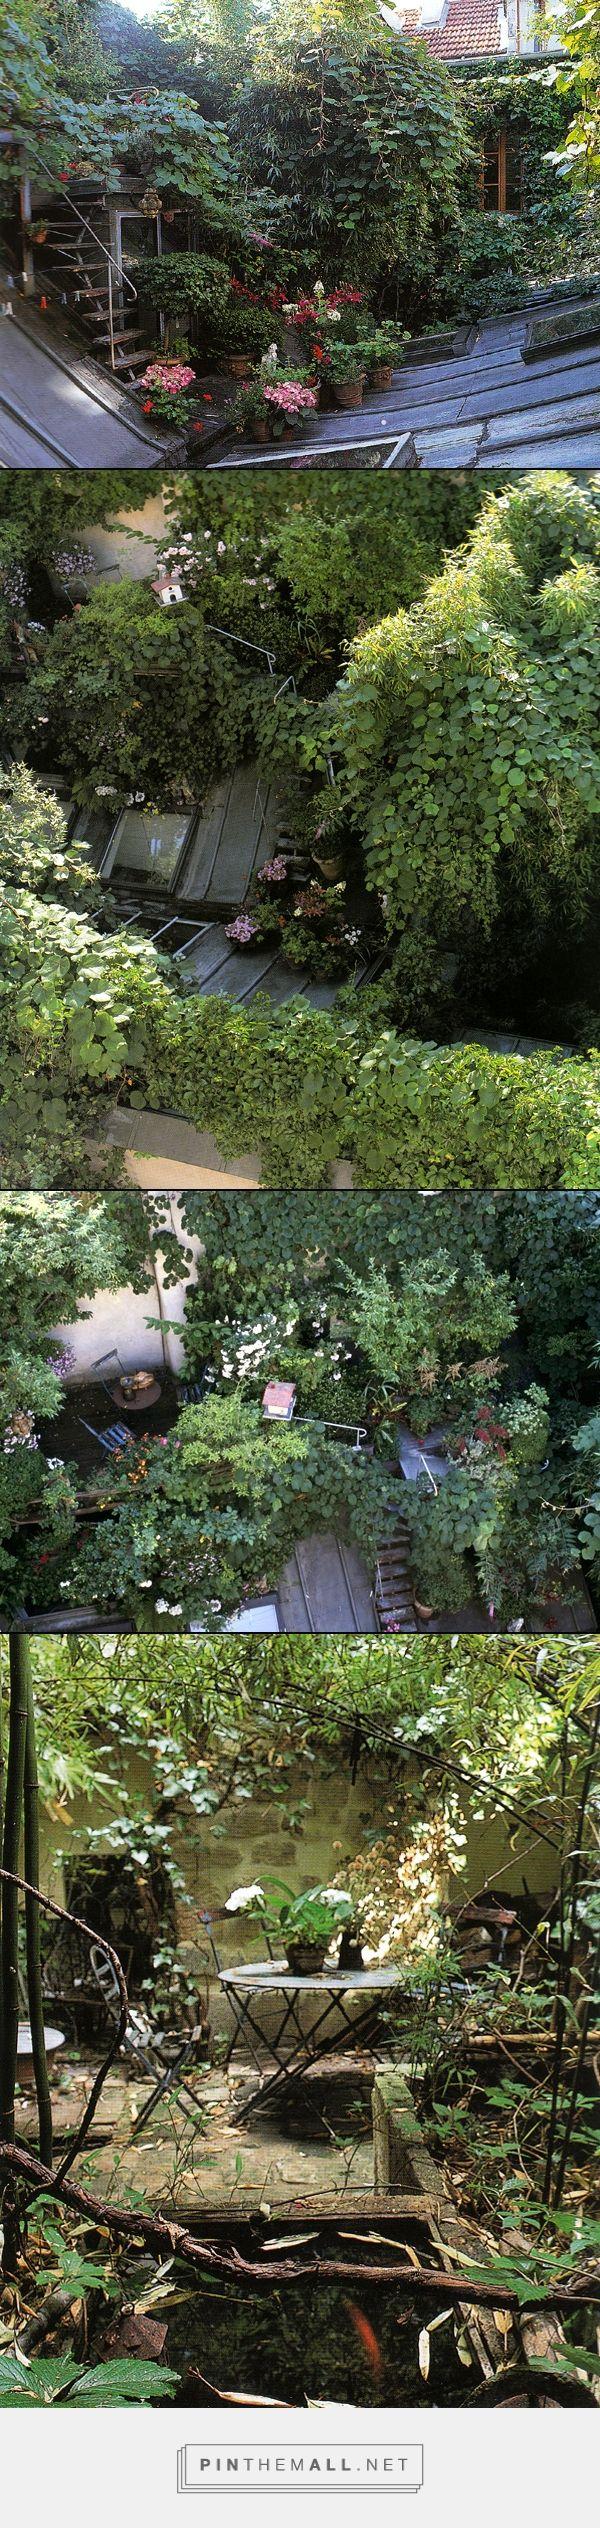 Kert lehetetlen helyen - háztáji dizájn - http://haztajidizajn.blog.hu/2011/08/23/camille_muller - created via https://pinthemall.net